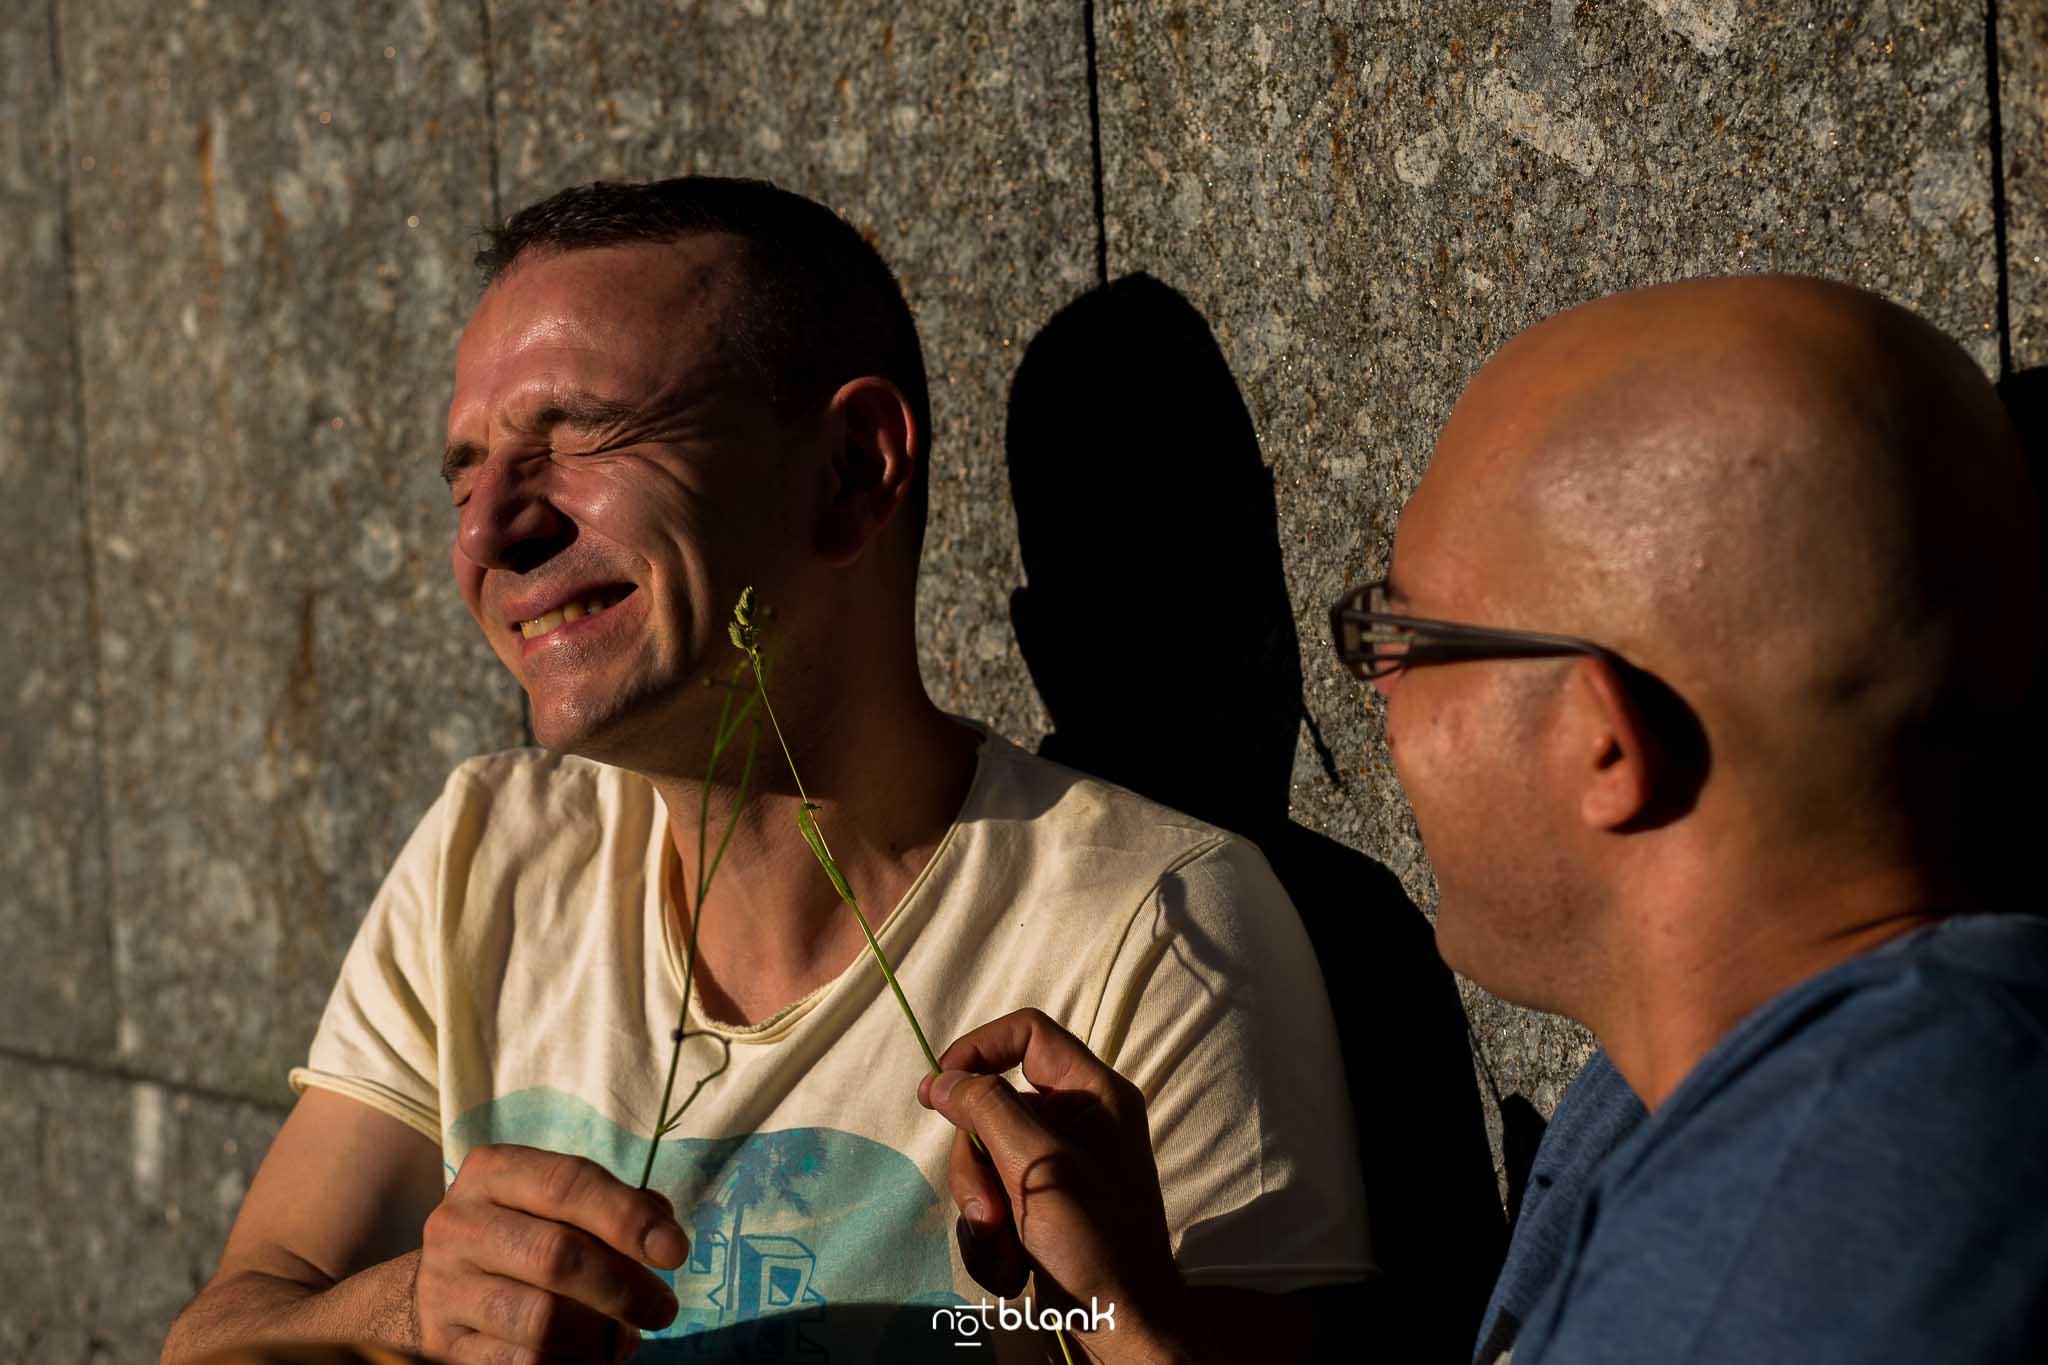 Sesion preboda gay en vigo realizada por Notblank fotógrafos de boda de Galicia